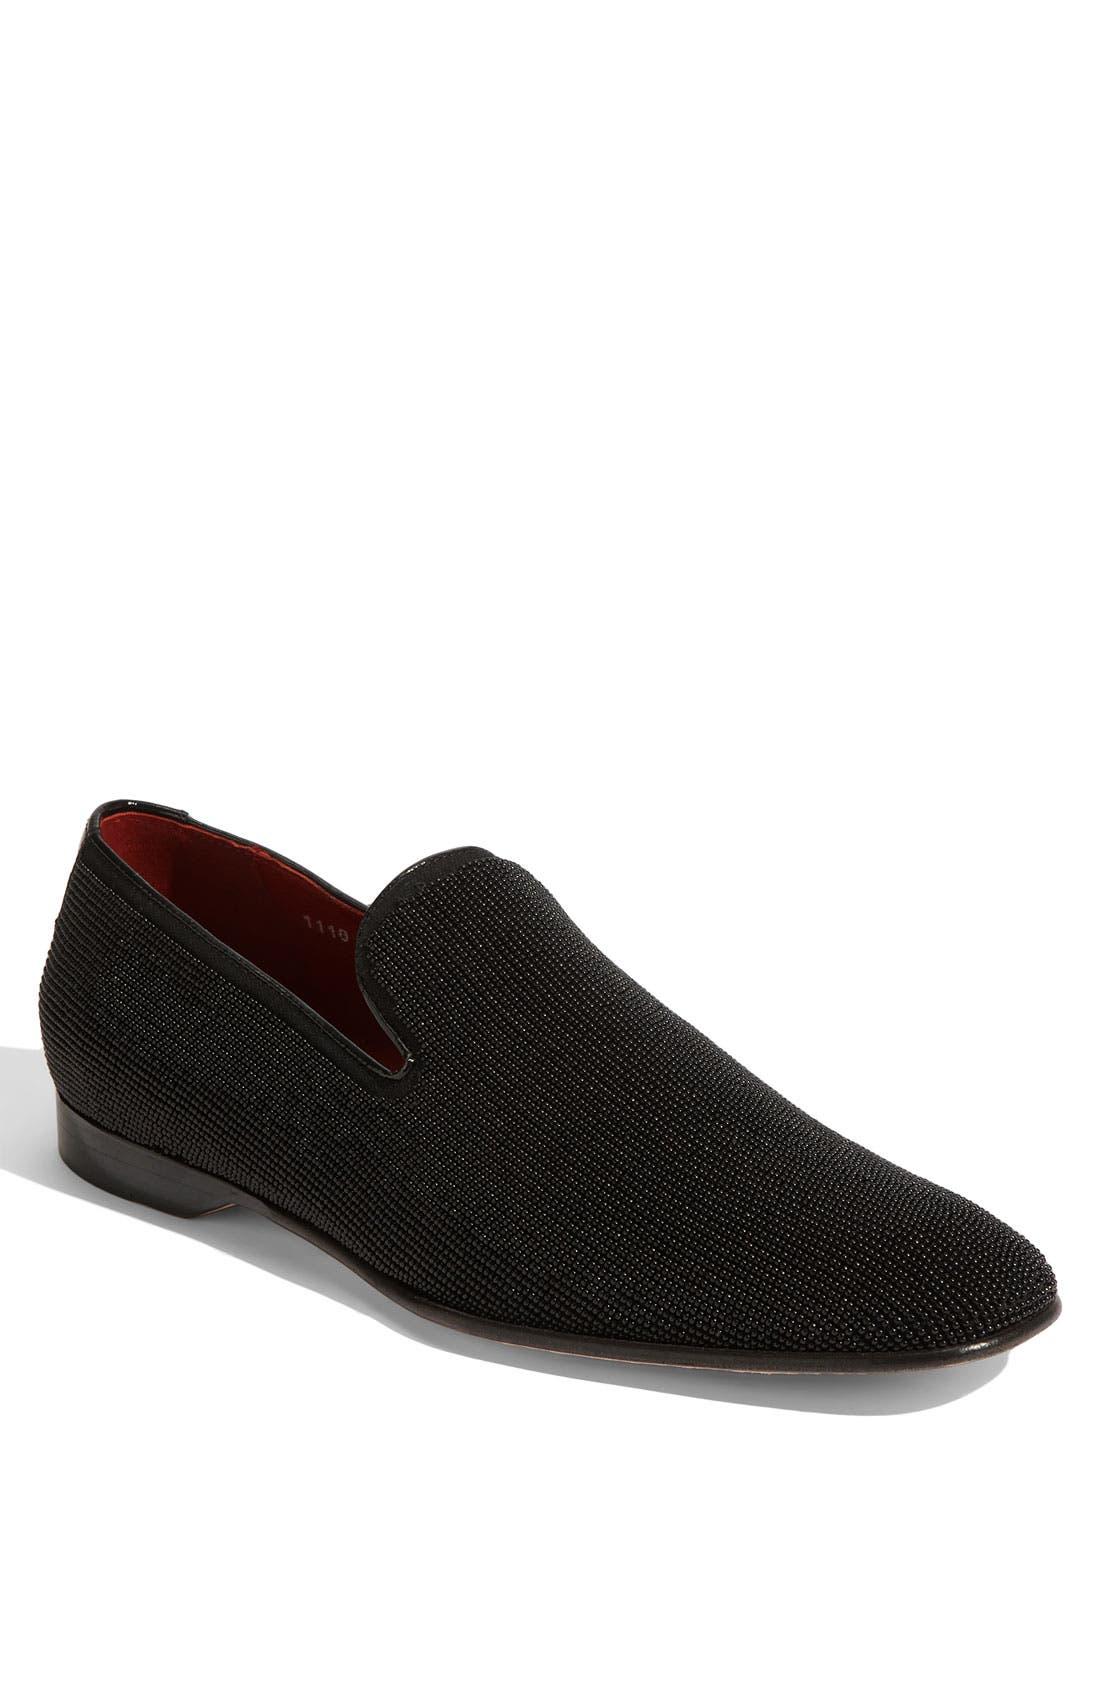 DONALD PLINER Donald J Pliner 'Pont' Beaded Loafer, Main, color, 002